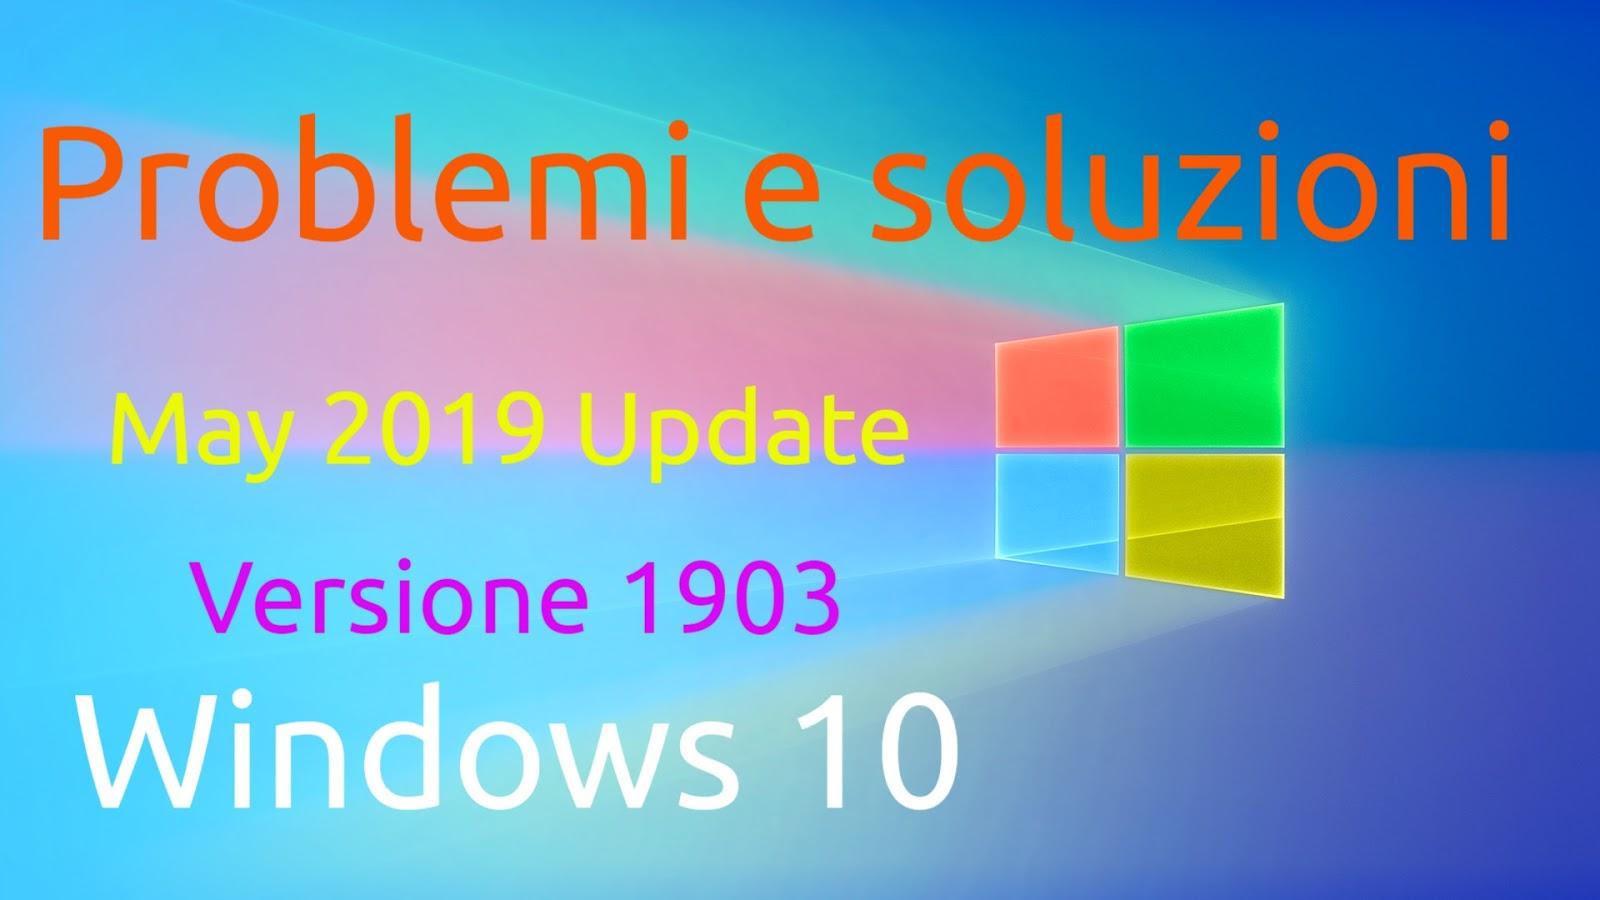 windows-10-versione-1903-problemi-soluzioni